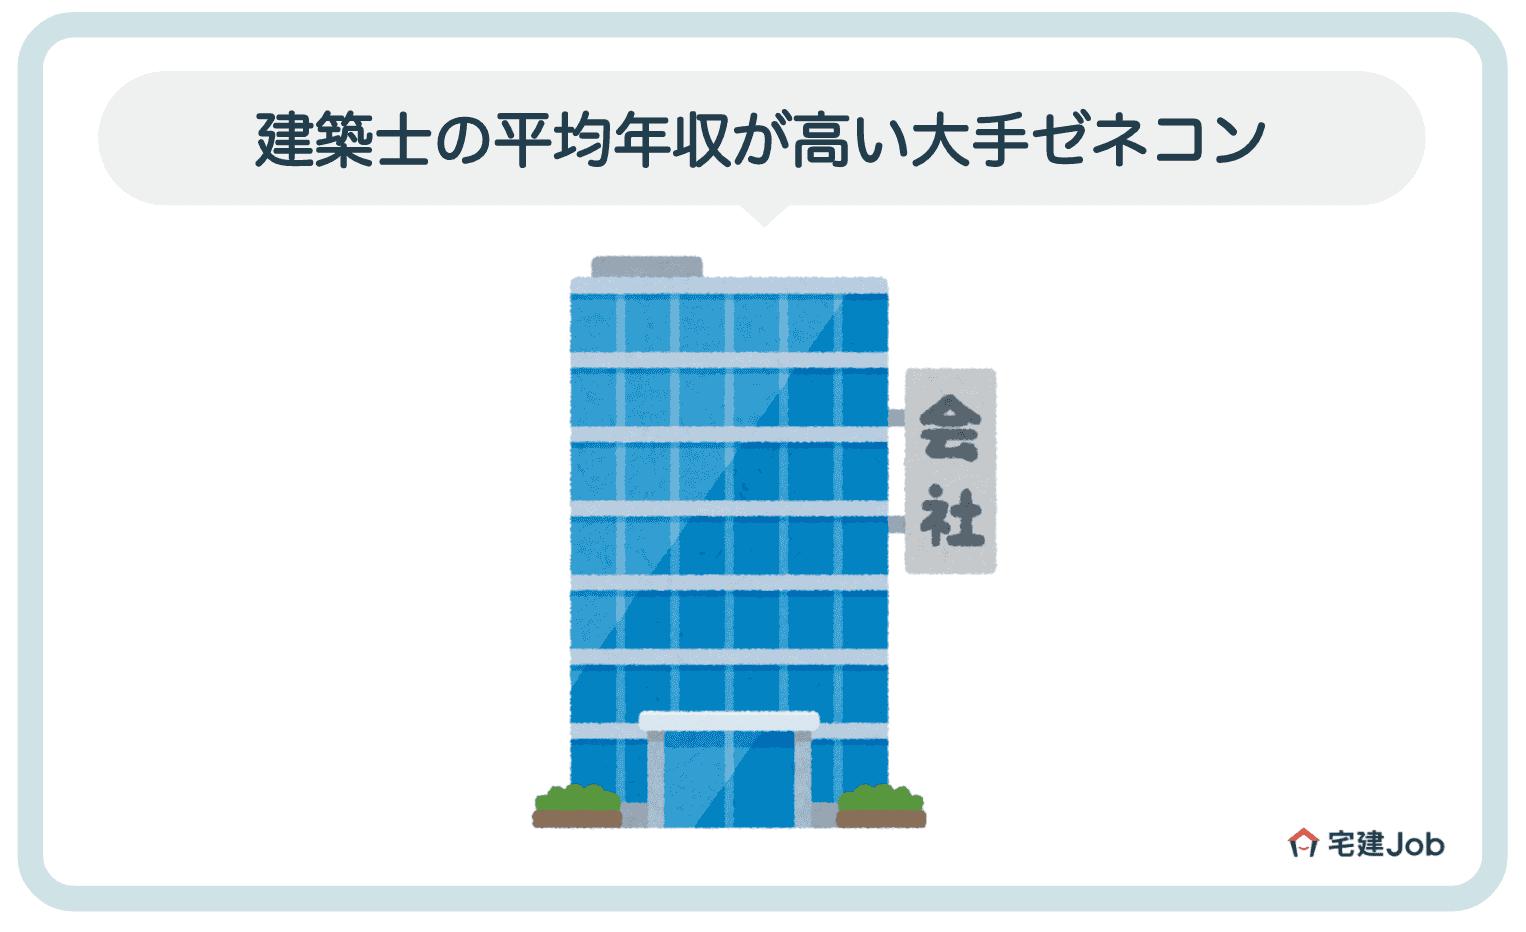 2.建築士の平均年収が高い大手ゼネコン会社